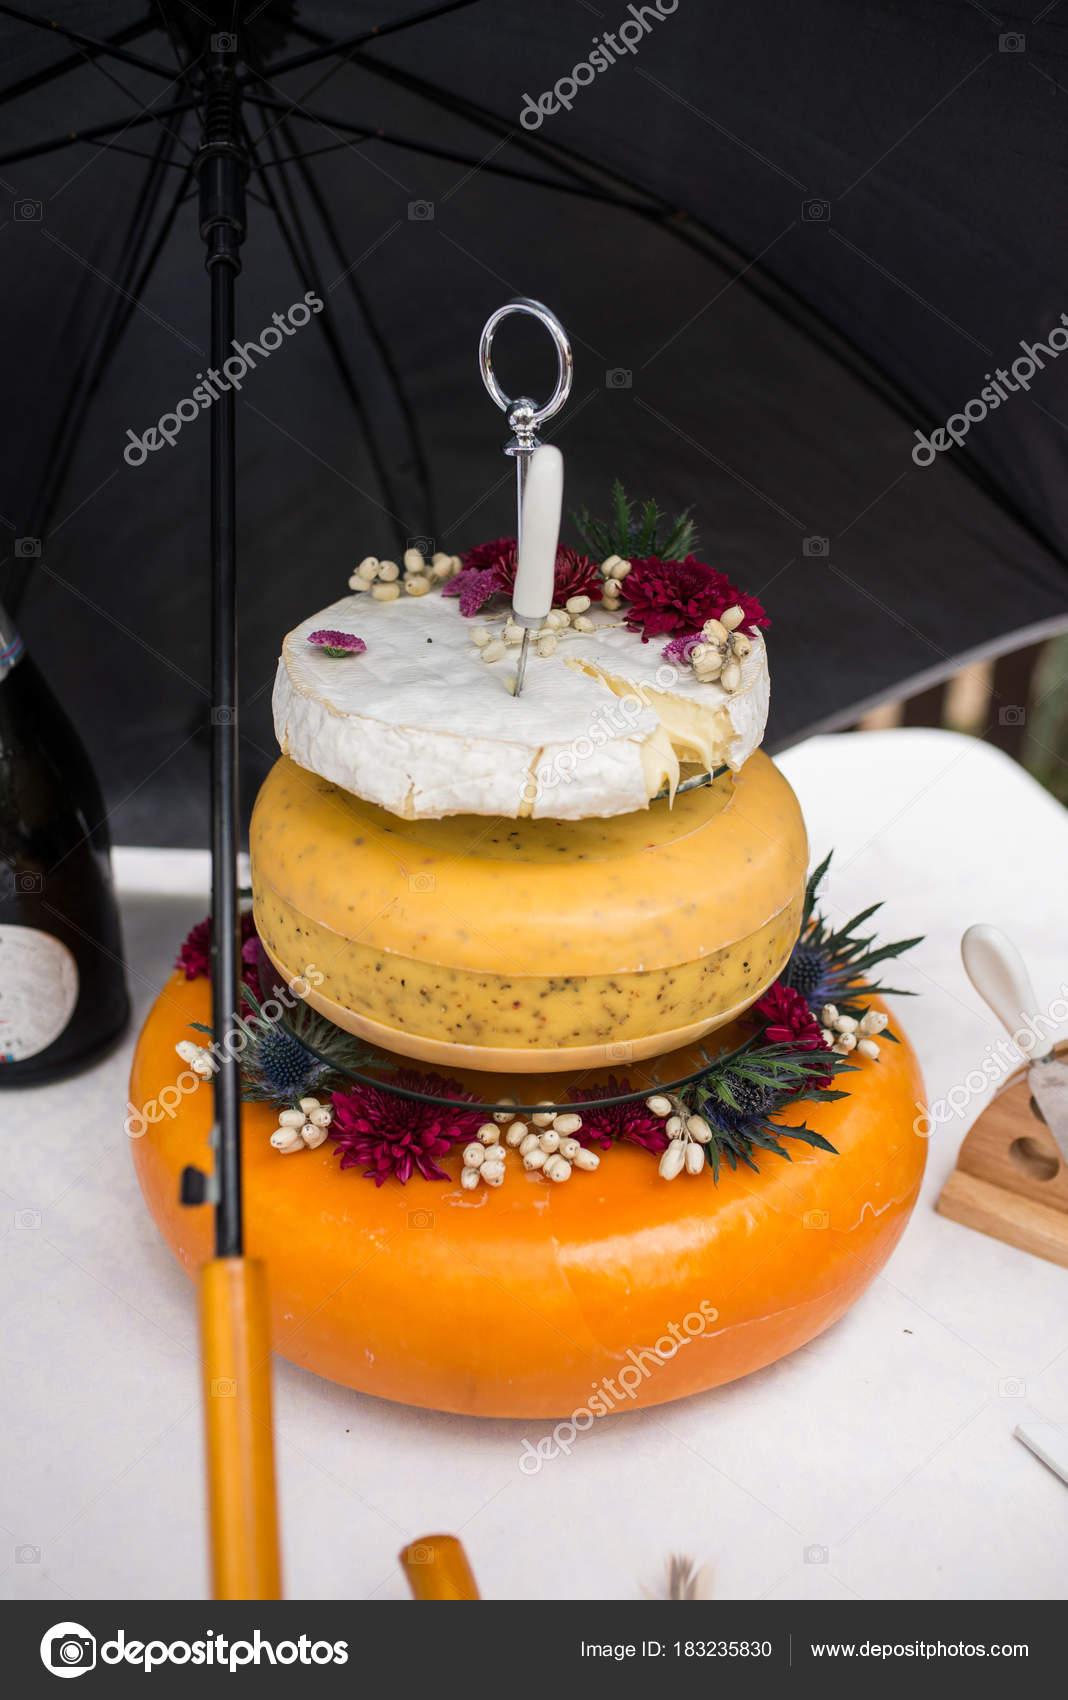 Salz Hochzeitstorte Aus Kase Drei Kase Kopfe Wie Eine Hochzeitstorte